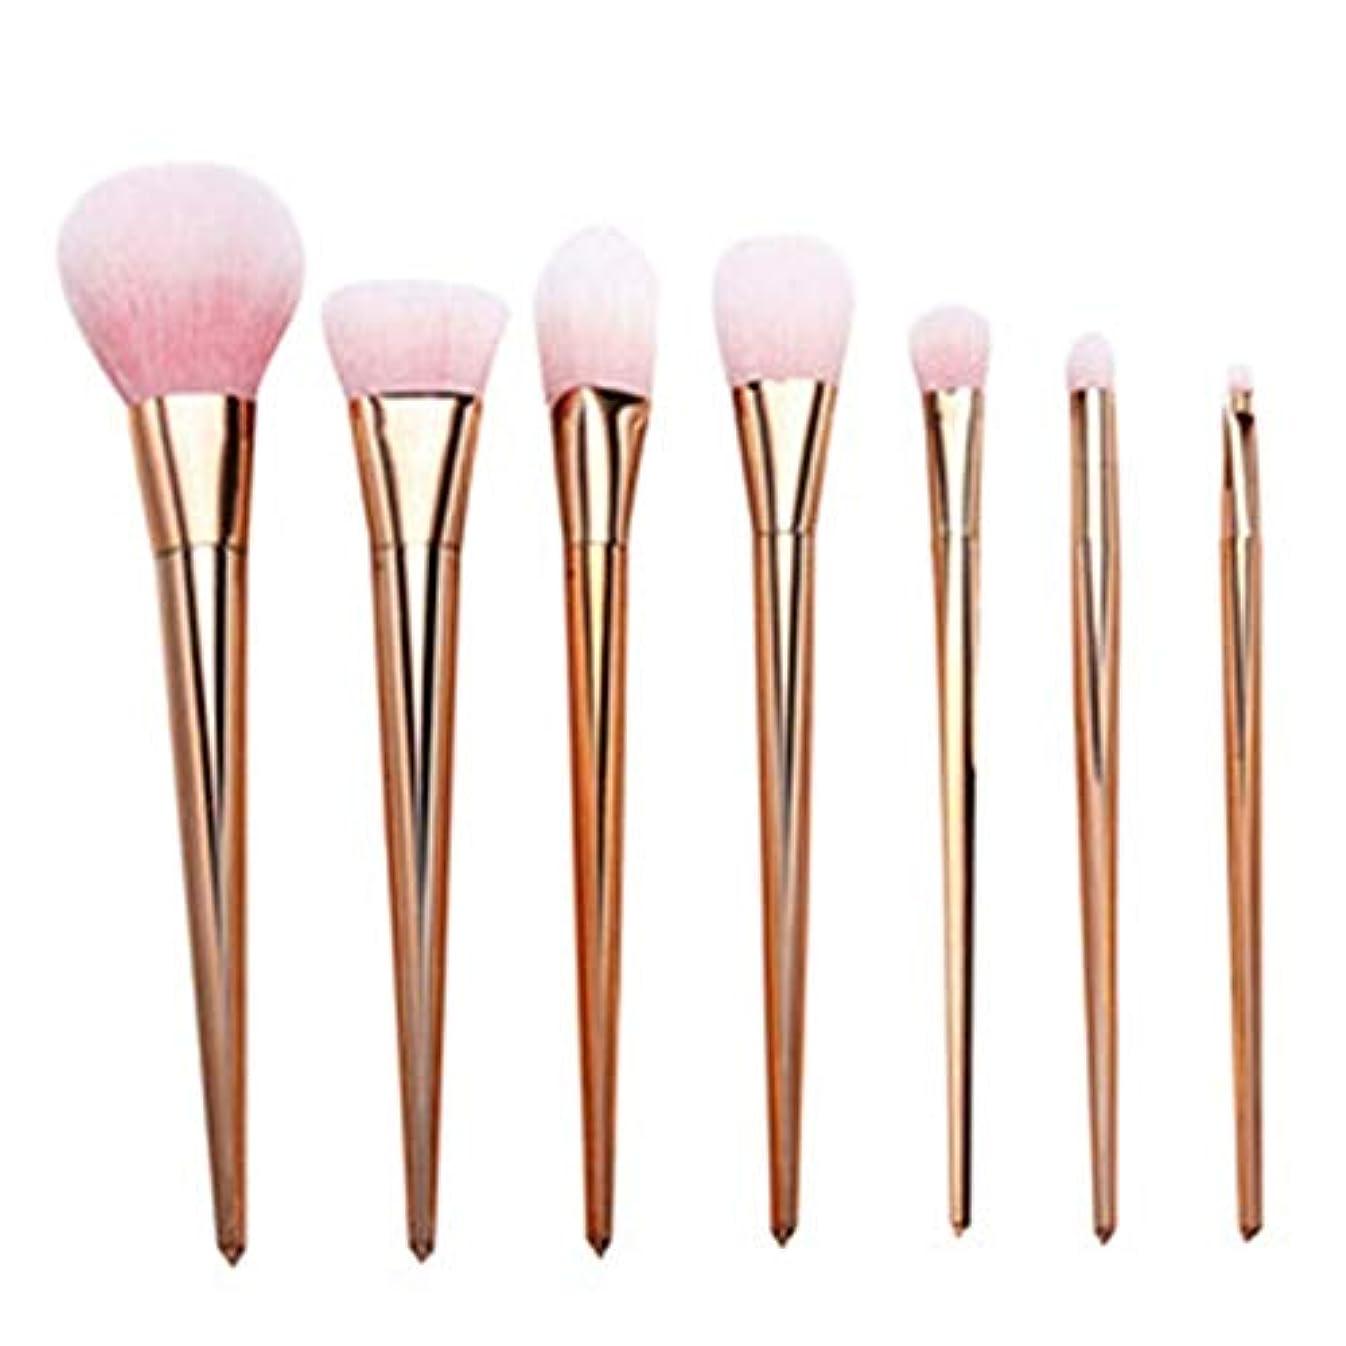 申し立てられた勘違いする配置プロ メイクブラシ 化粧筆 シリーズ 化粧ブラシセット 高級タクロン 超柔らかい 可愛い リップブラシツール 7本セット (Color : Rose Gold)